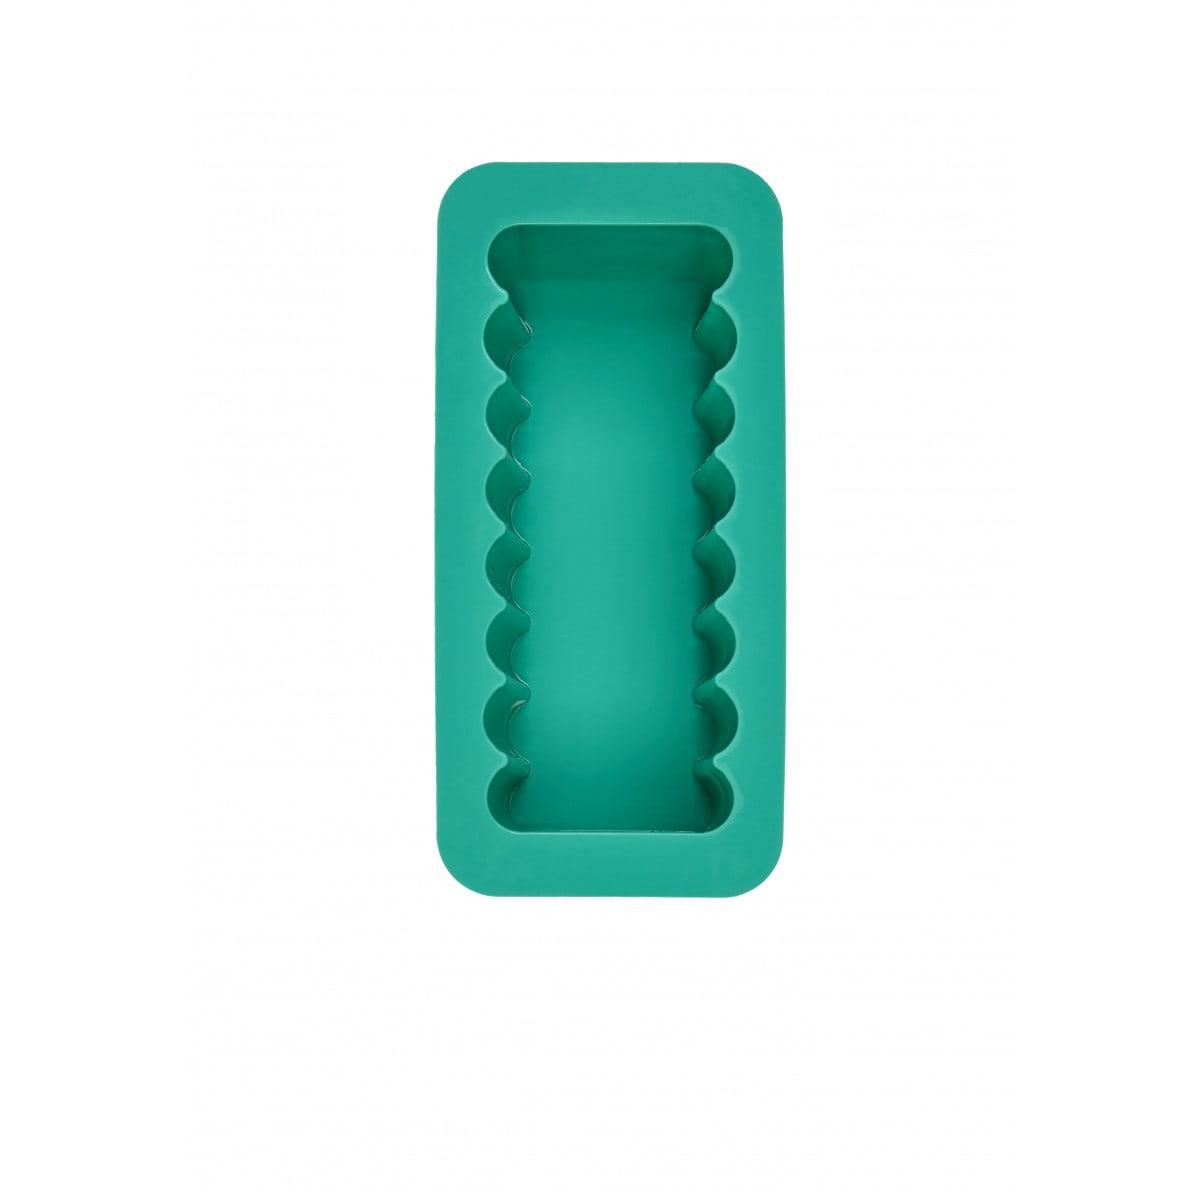 WW Moule carré en silicone vert vue d'en haut 2